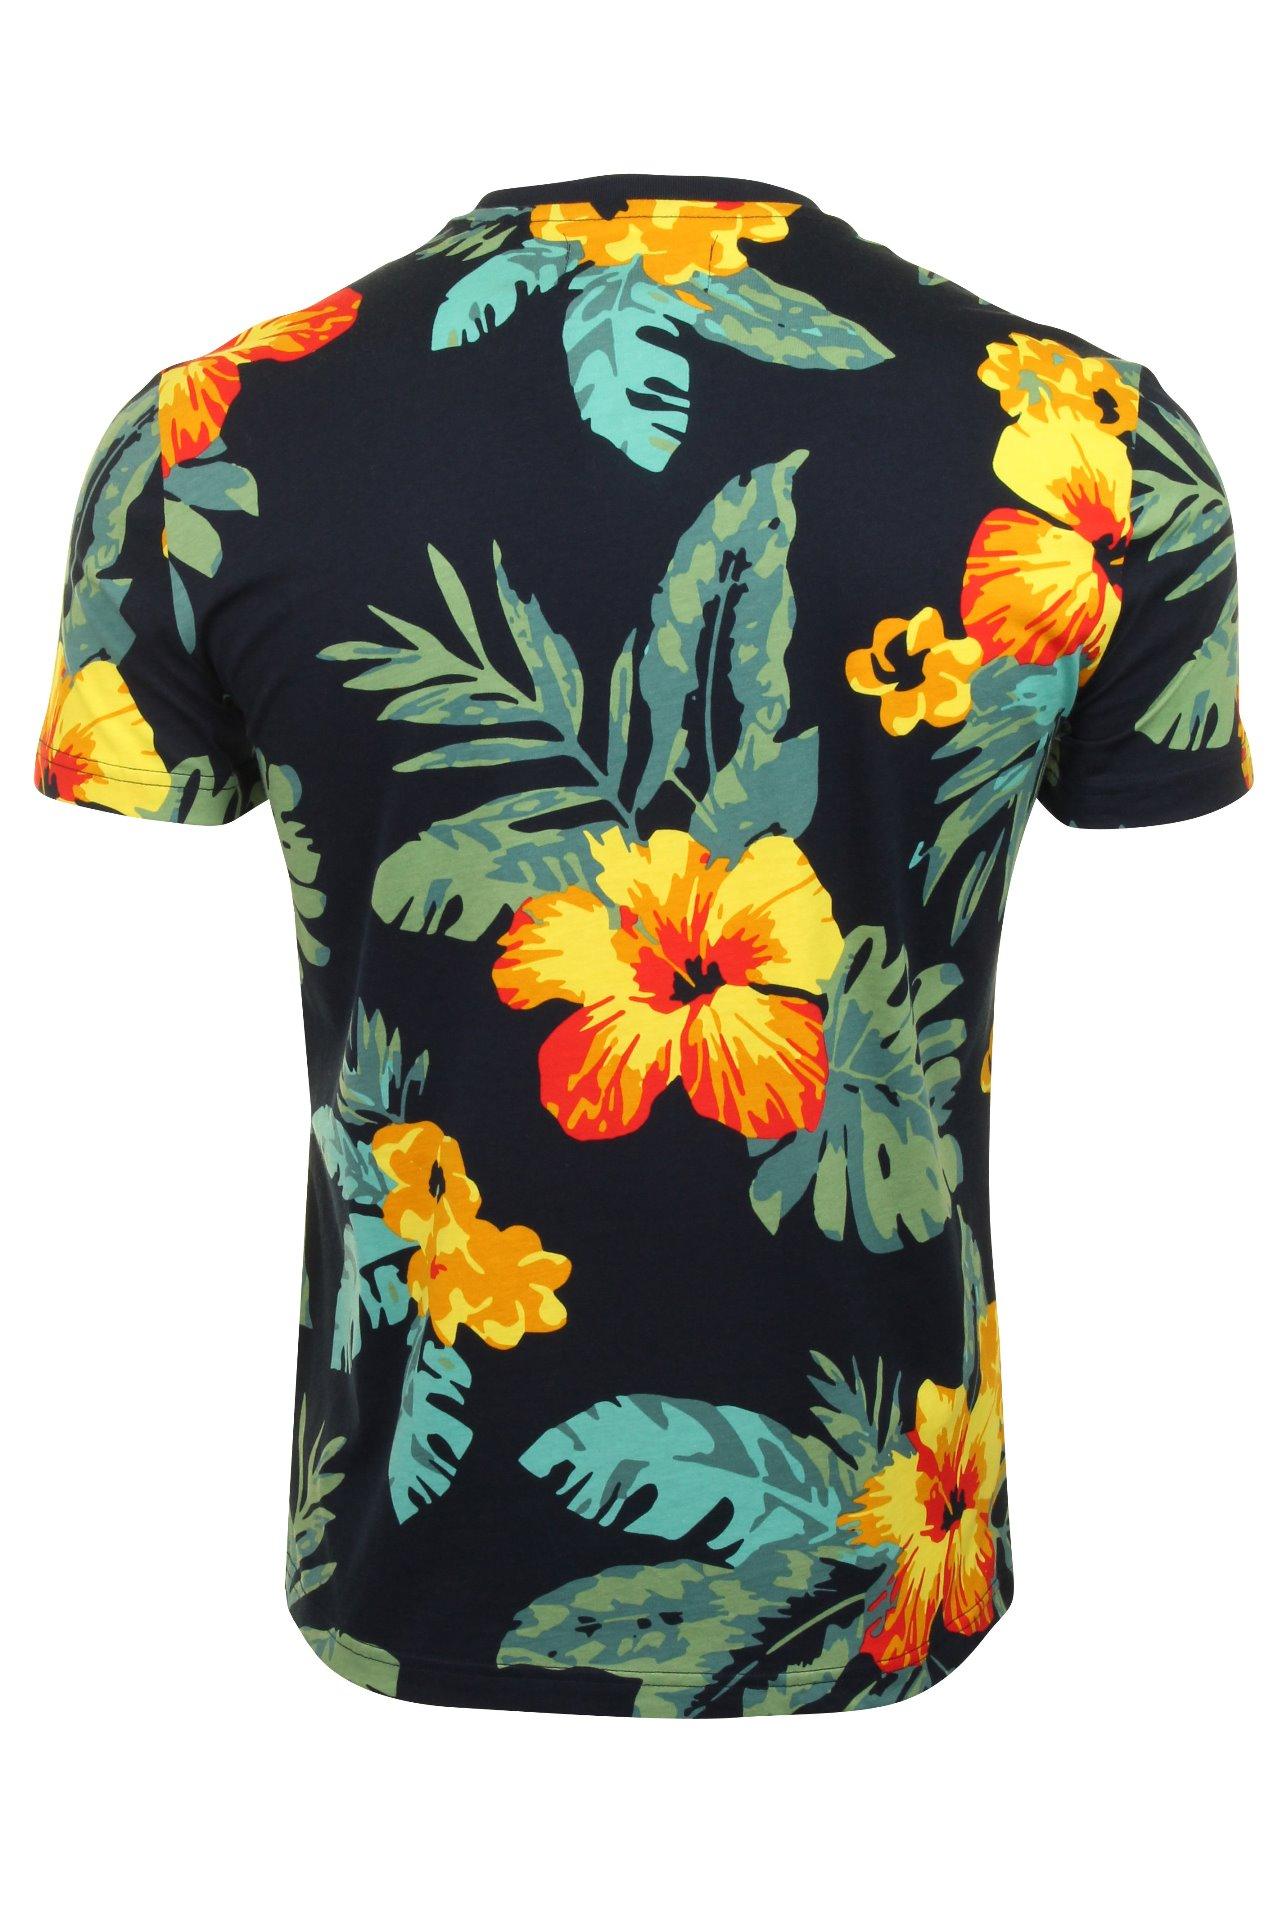 Original-Penguin-Mens-t-shirt-039-exploto-floral-de-manga-corta-039 miniatura 4